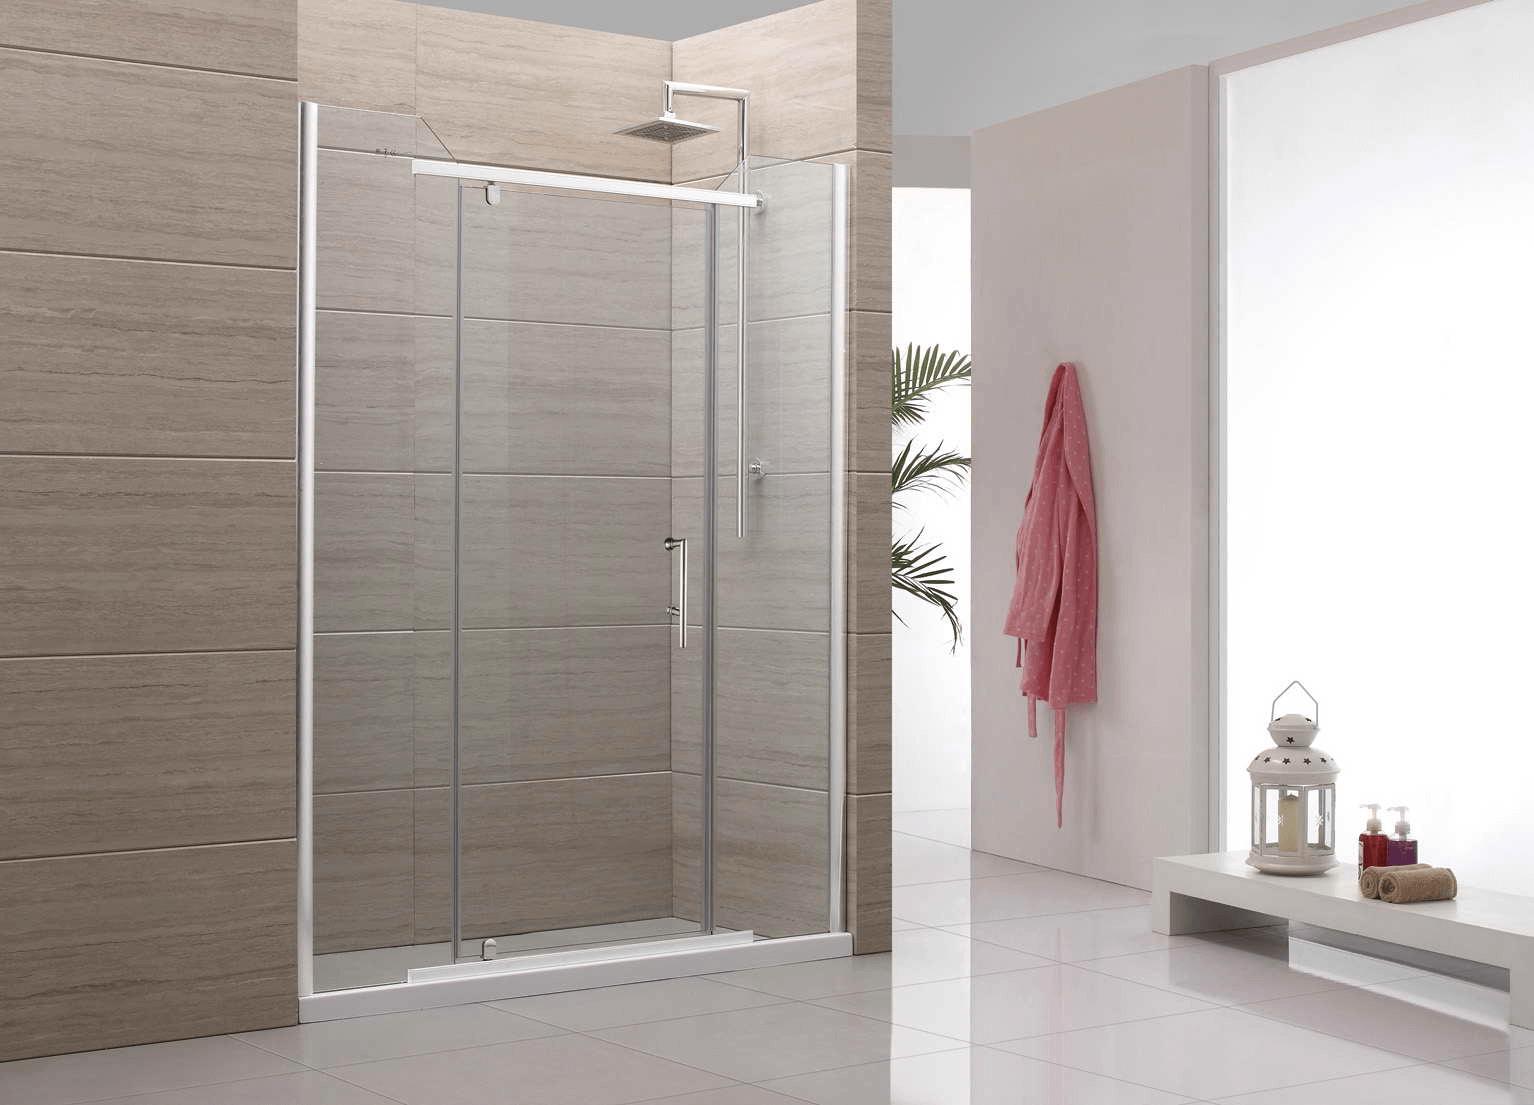 Bathroom tile ideas neutral